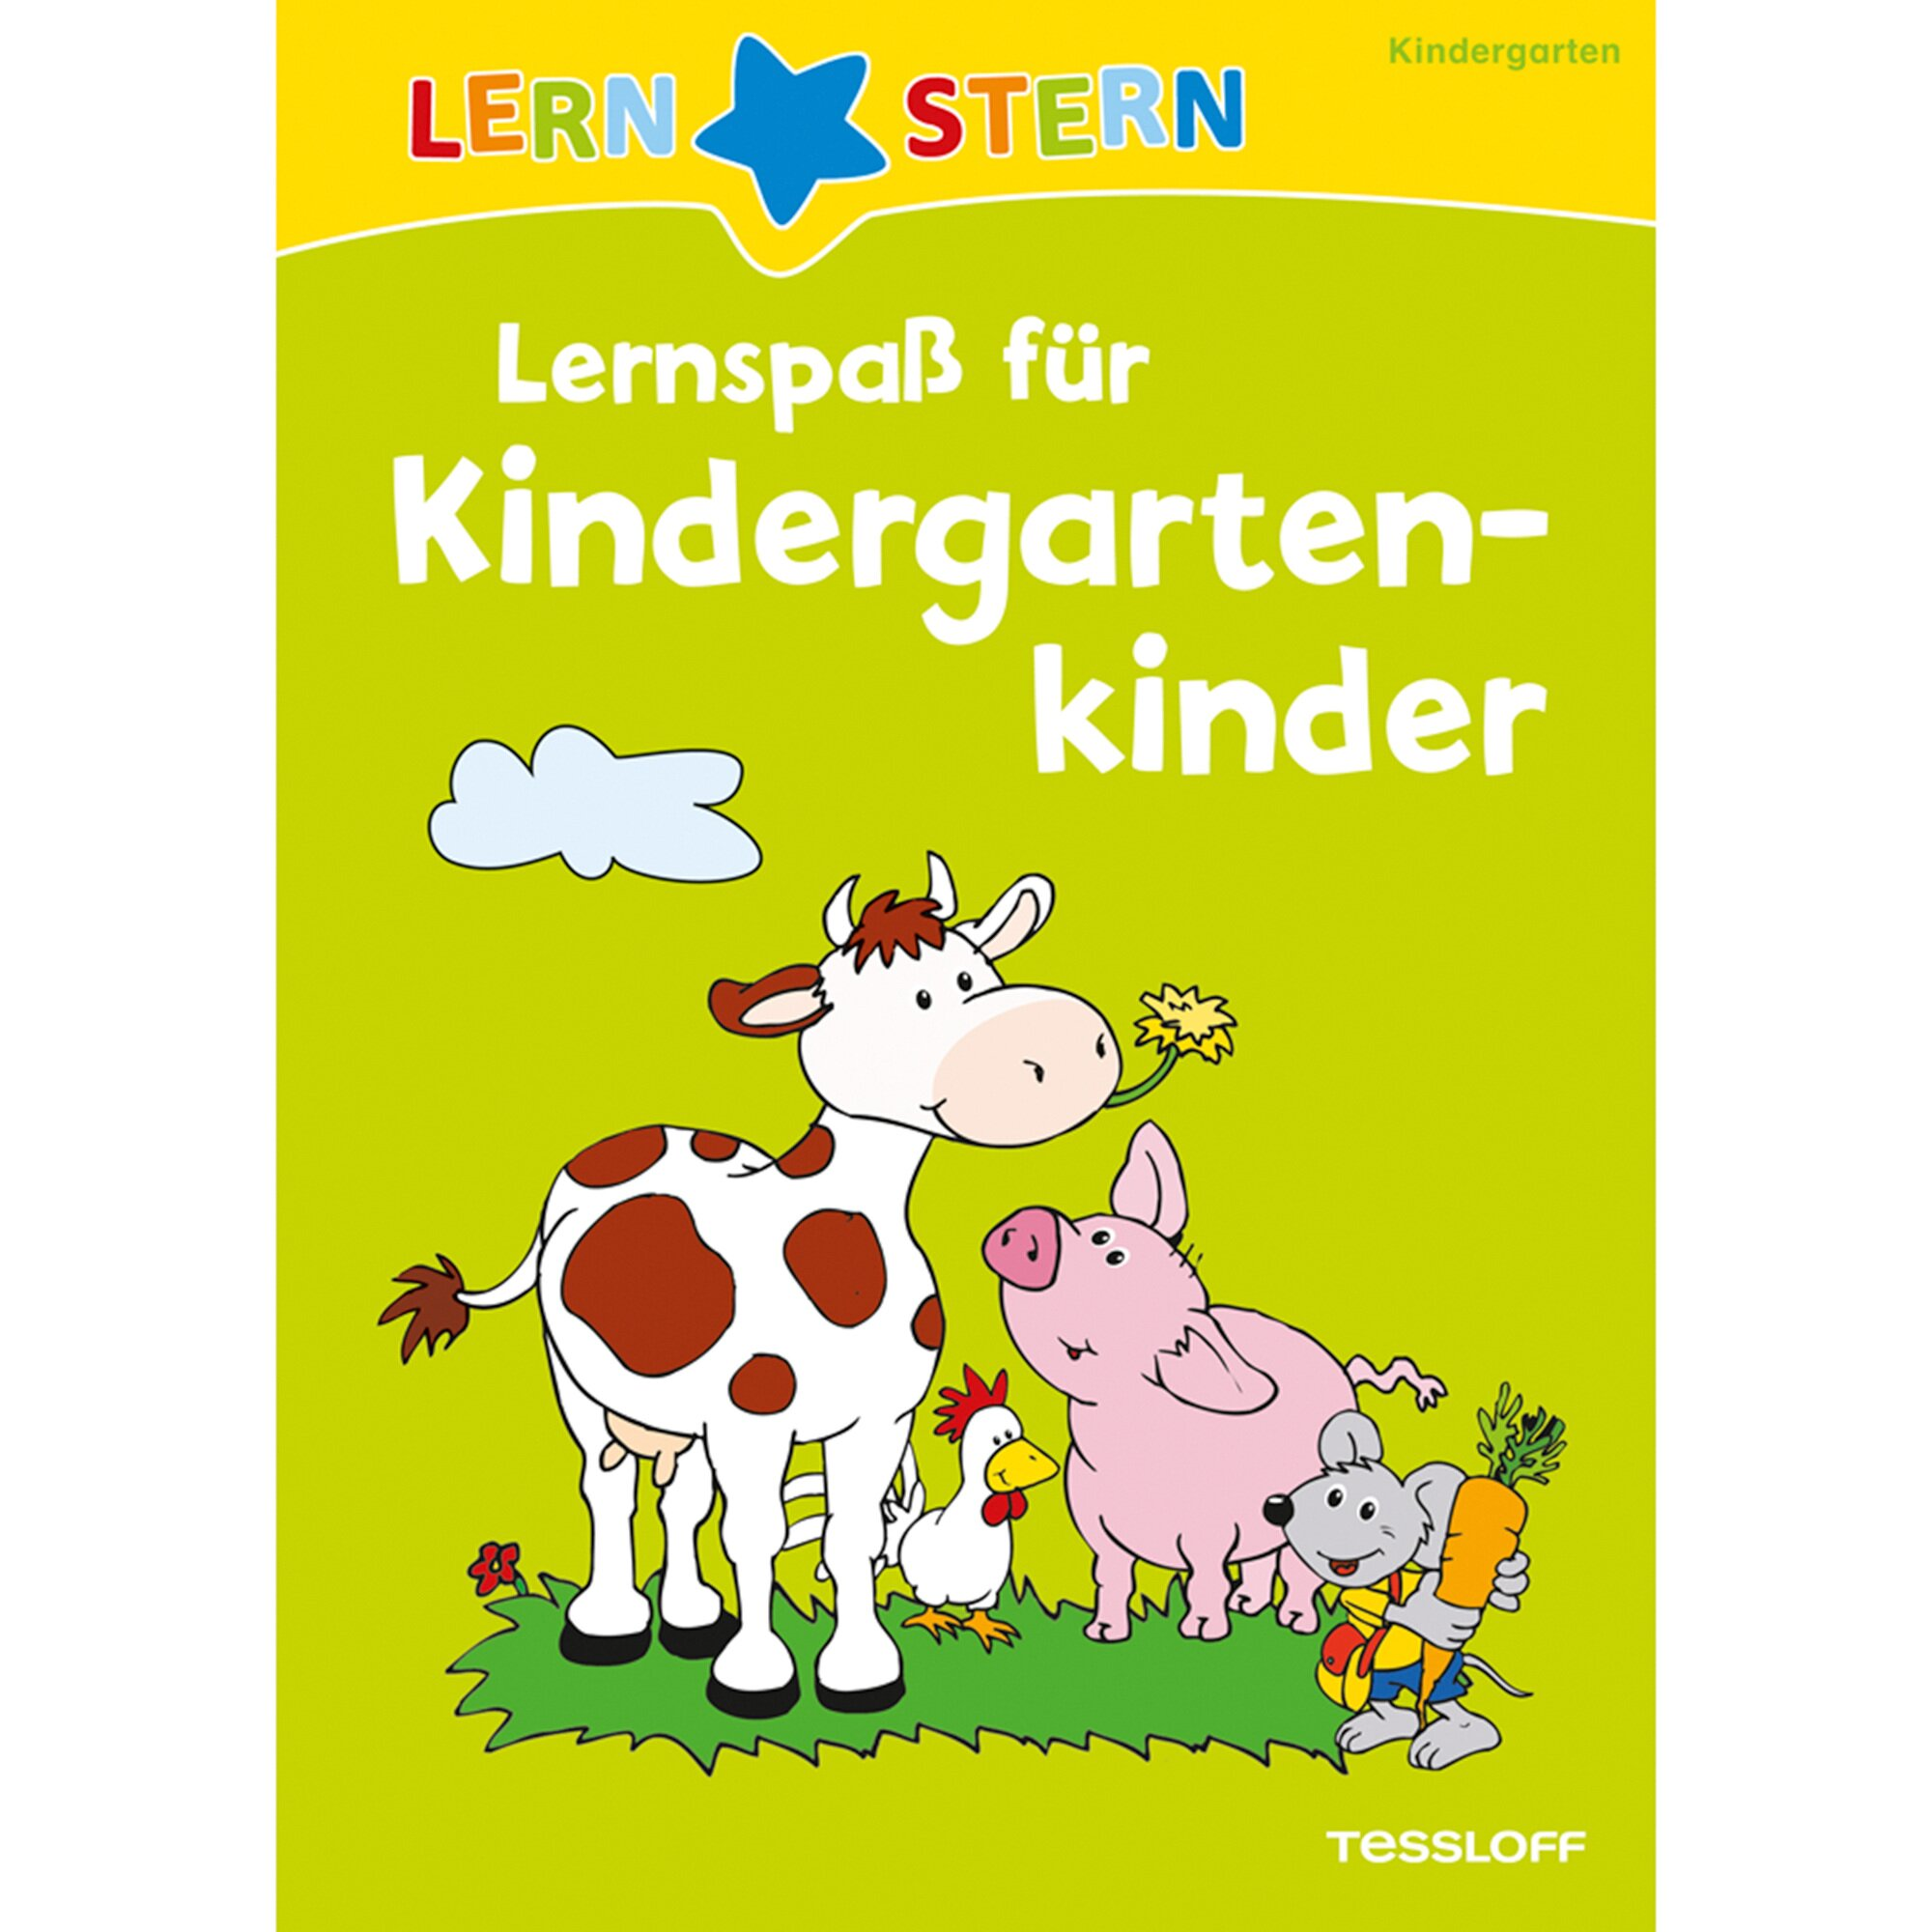 Tessloff Verlag Lernspaß für Kindergartenkinder Lernstern